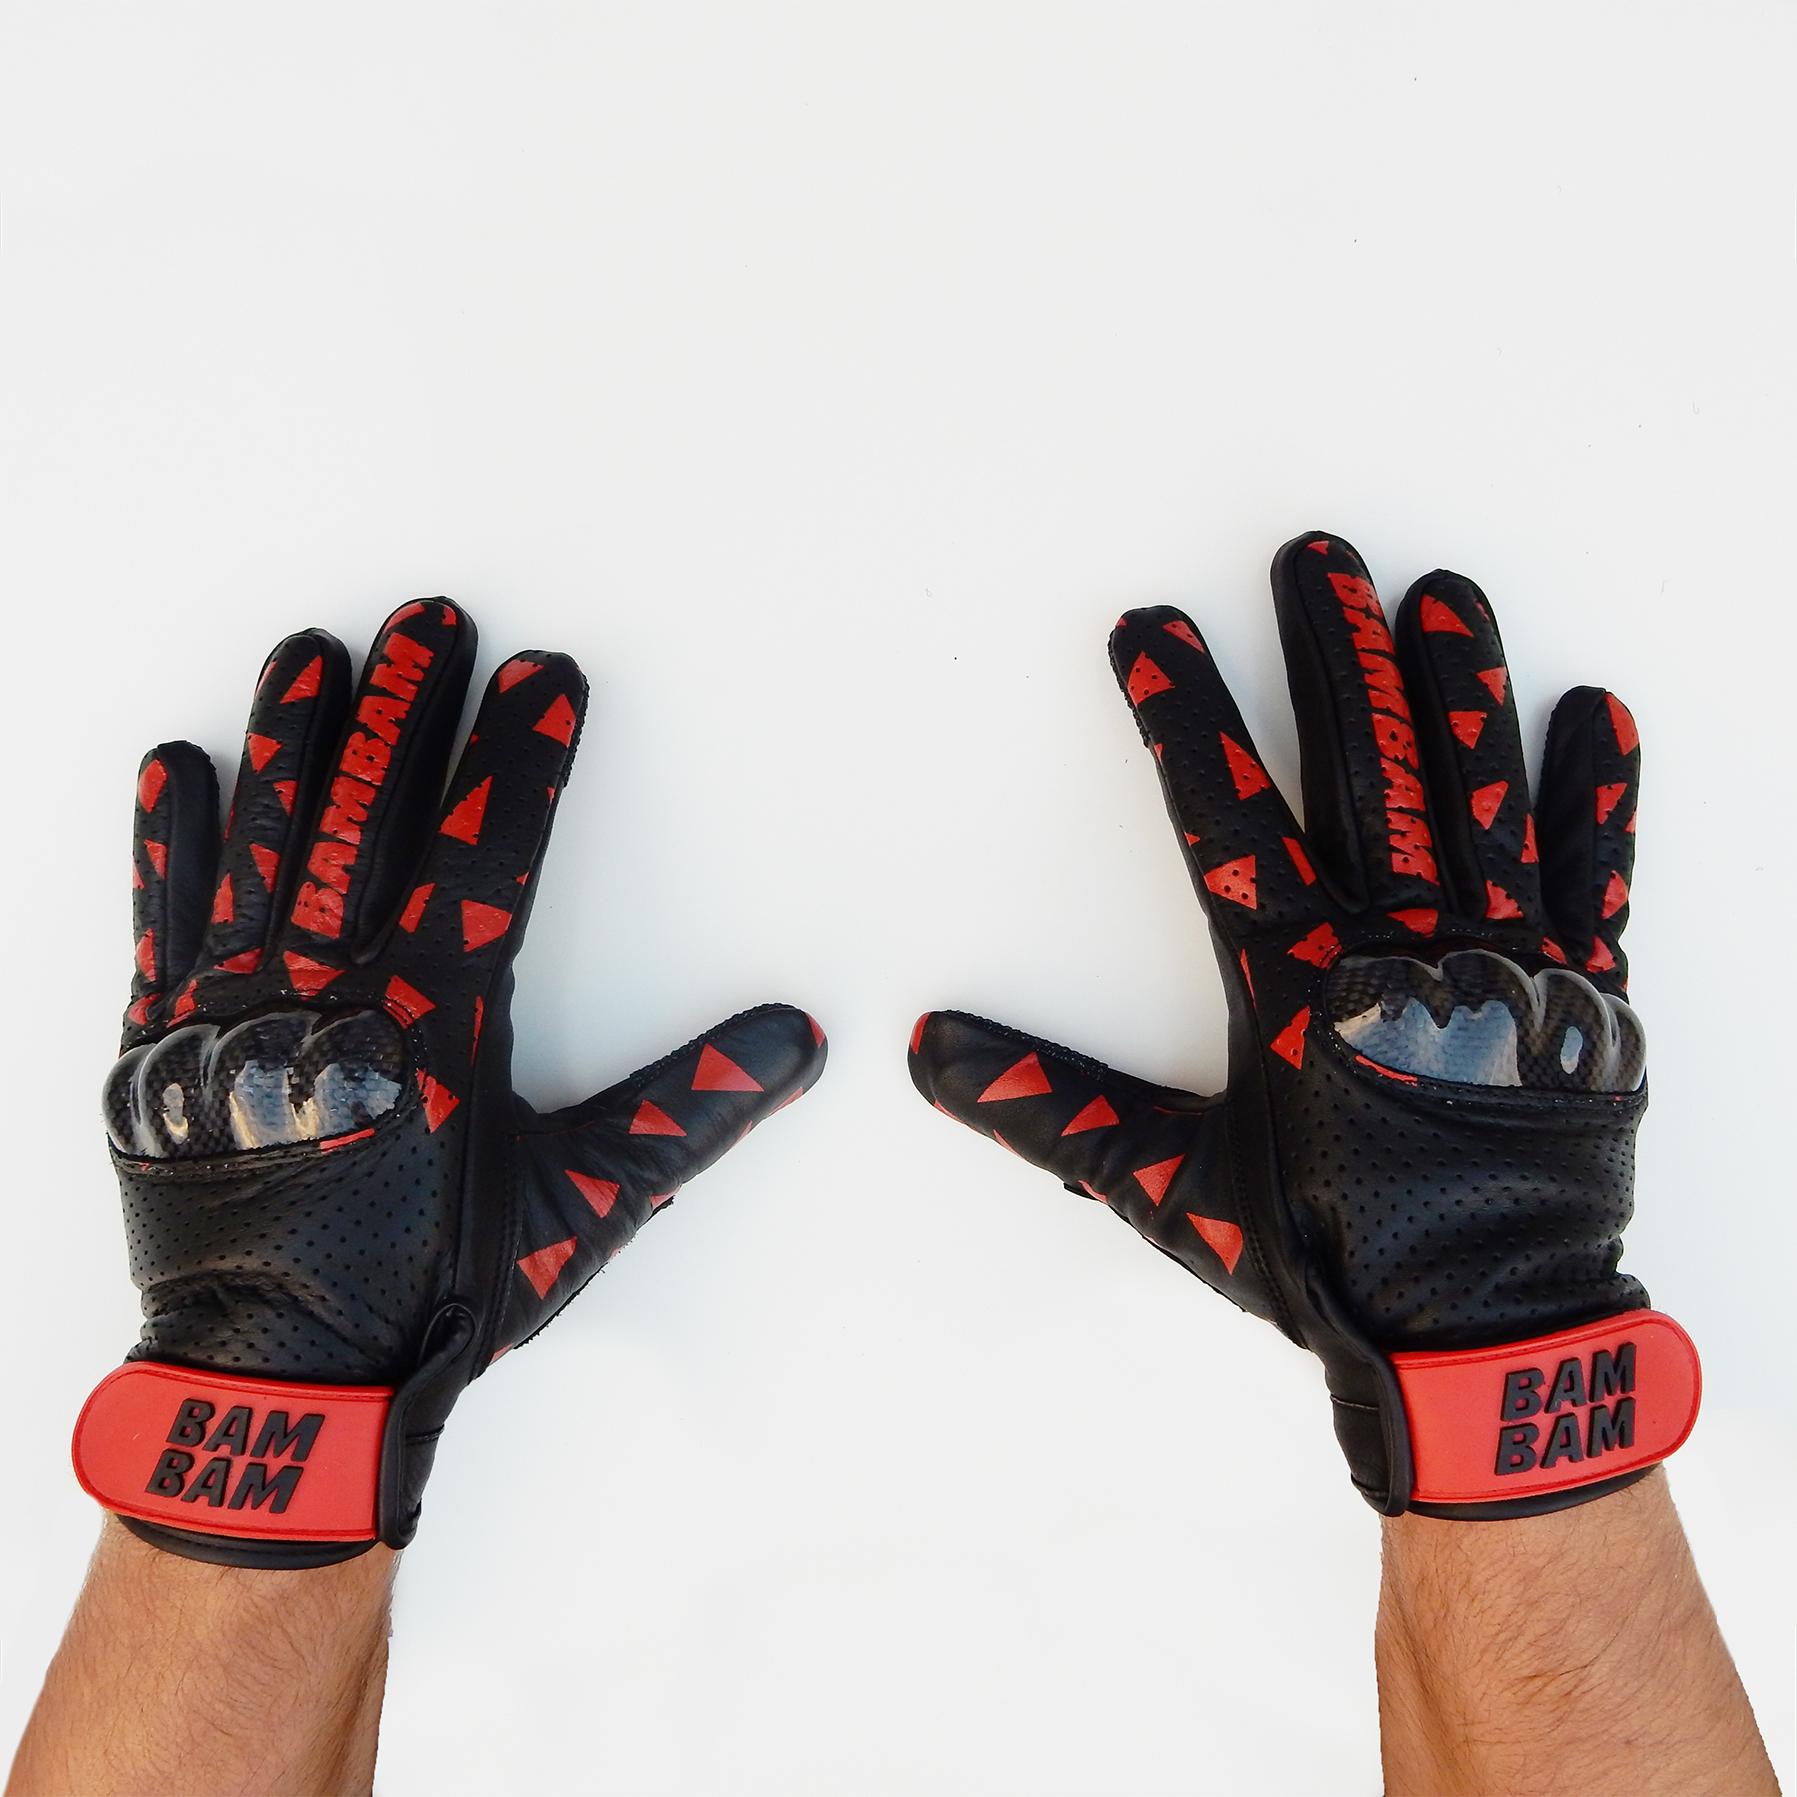 Bambam_Gloves_7.jpg